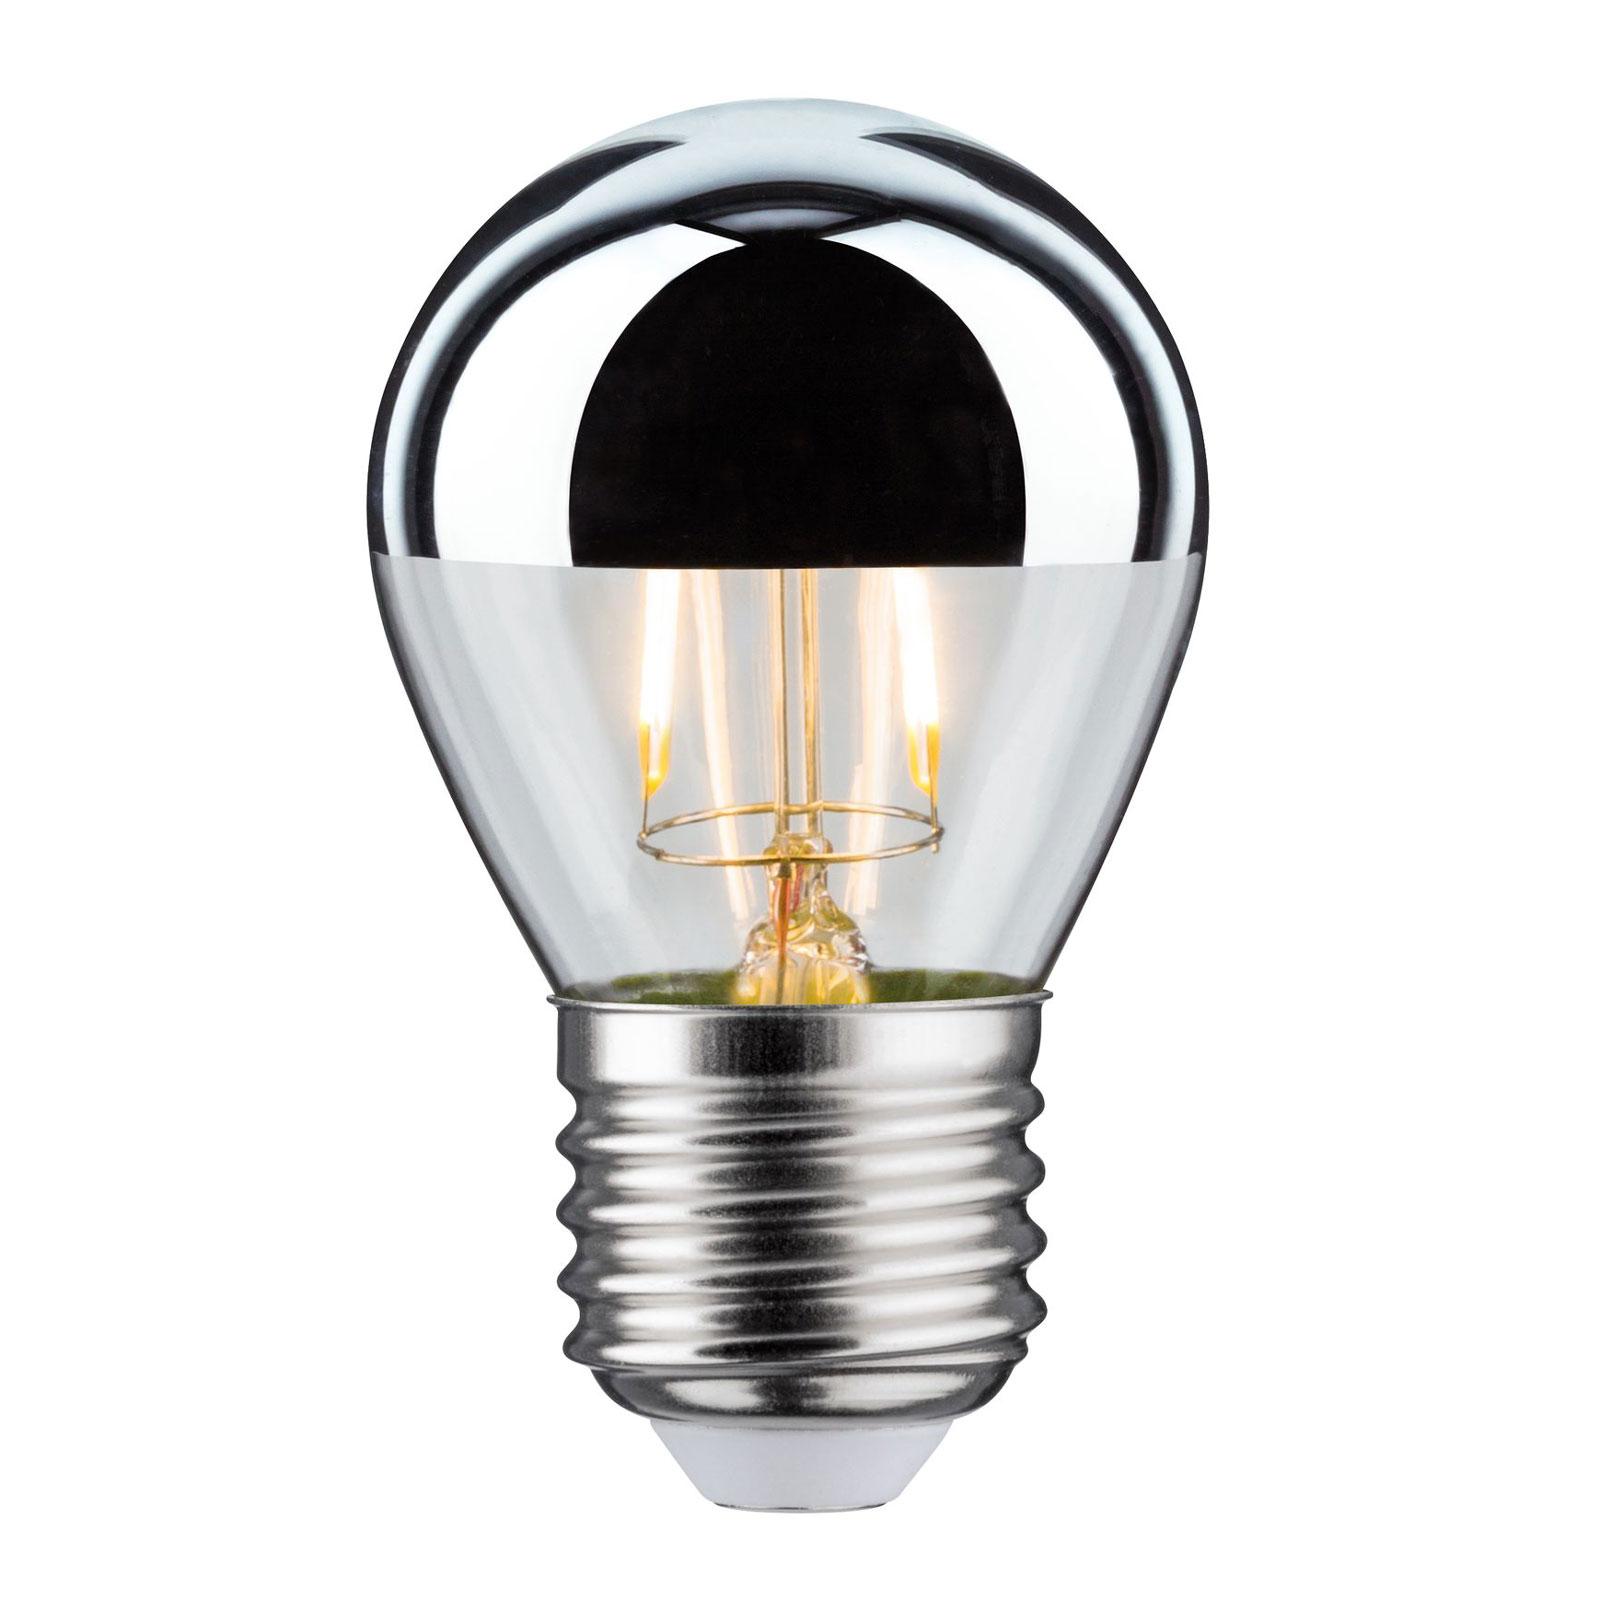 LED žárovka zrcadlená E27 kapka 827 stříbrná 2,6W